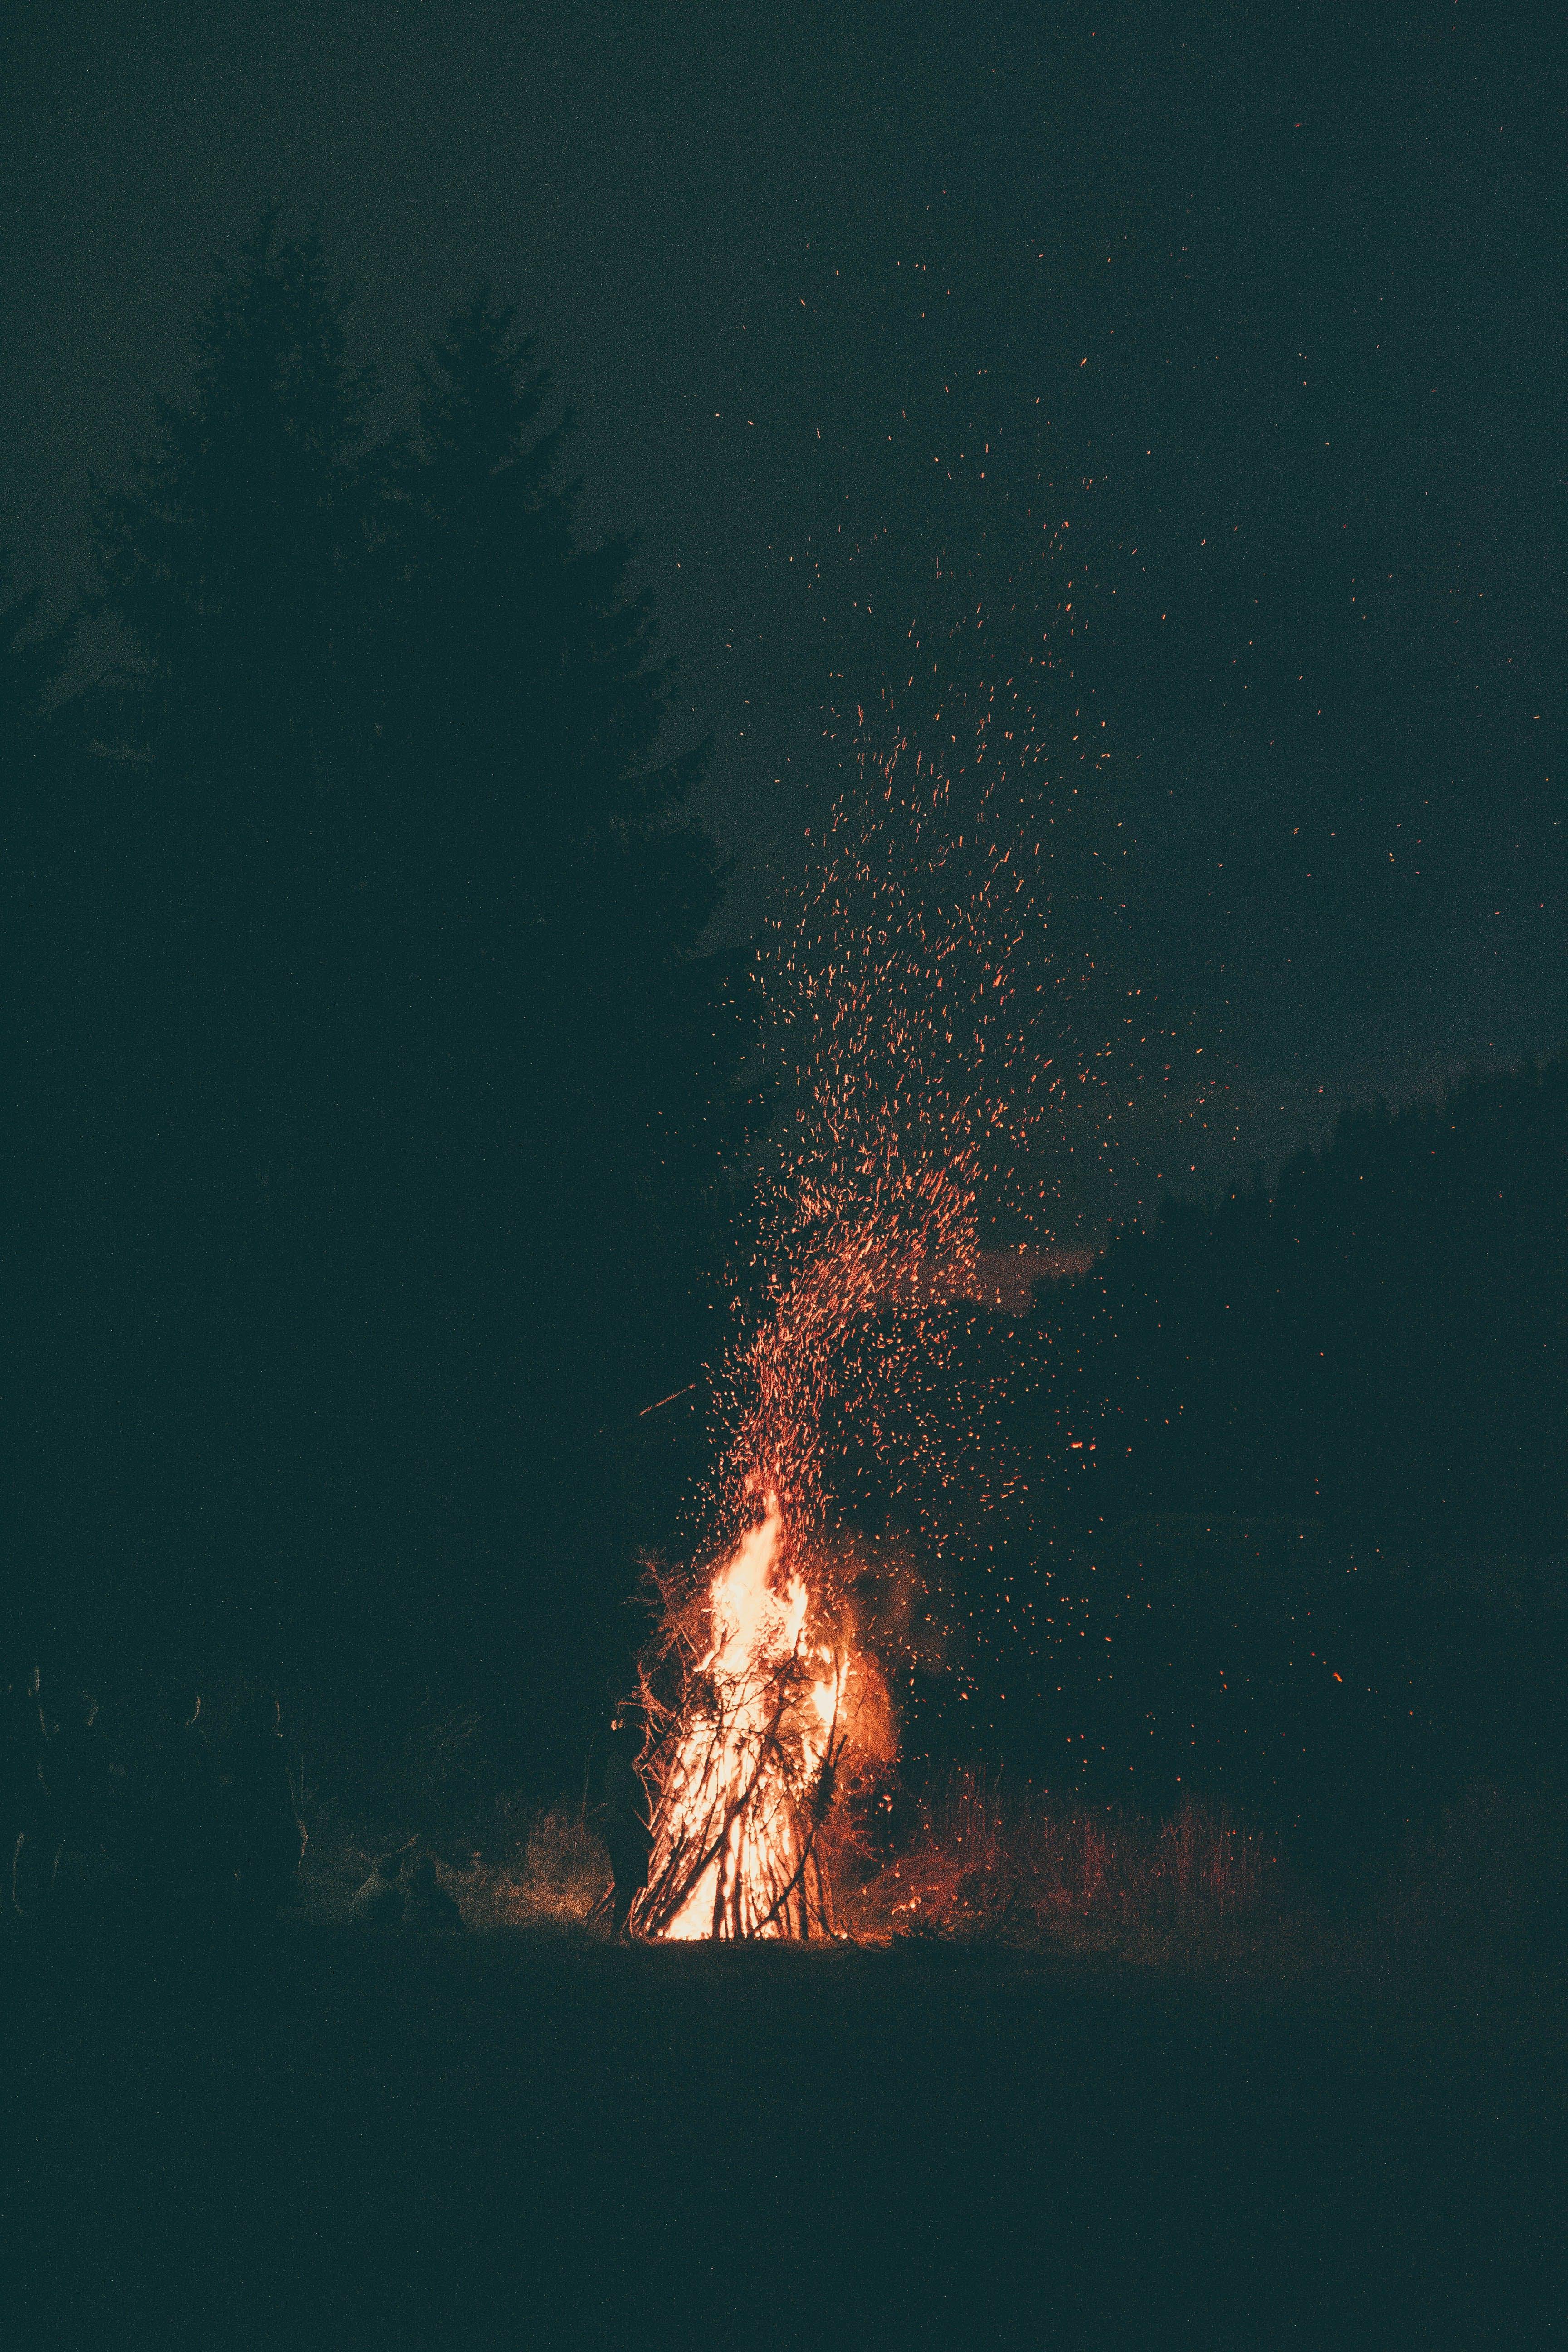 Δωρεάν στοκ φωτογραφιών με θερμότητα, Νύχτα, πυρά, σκοτάδι